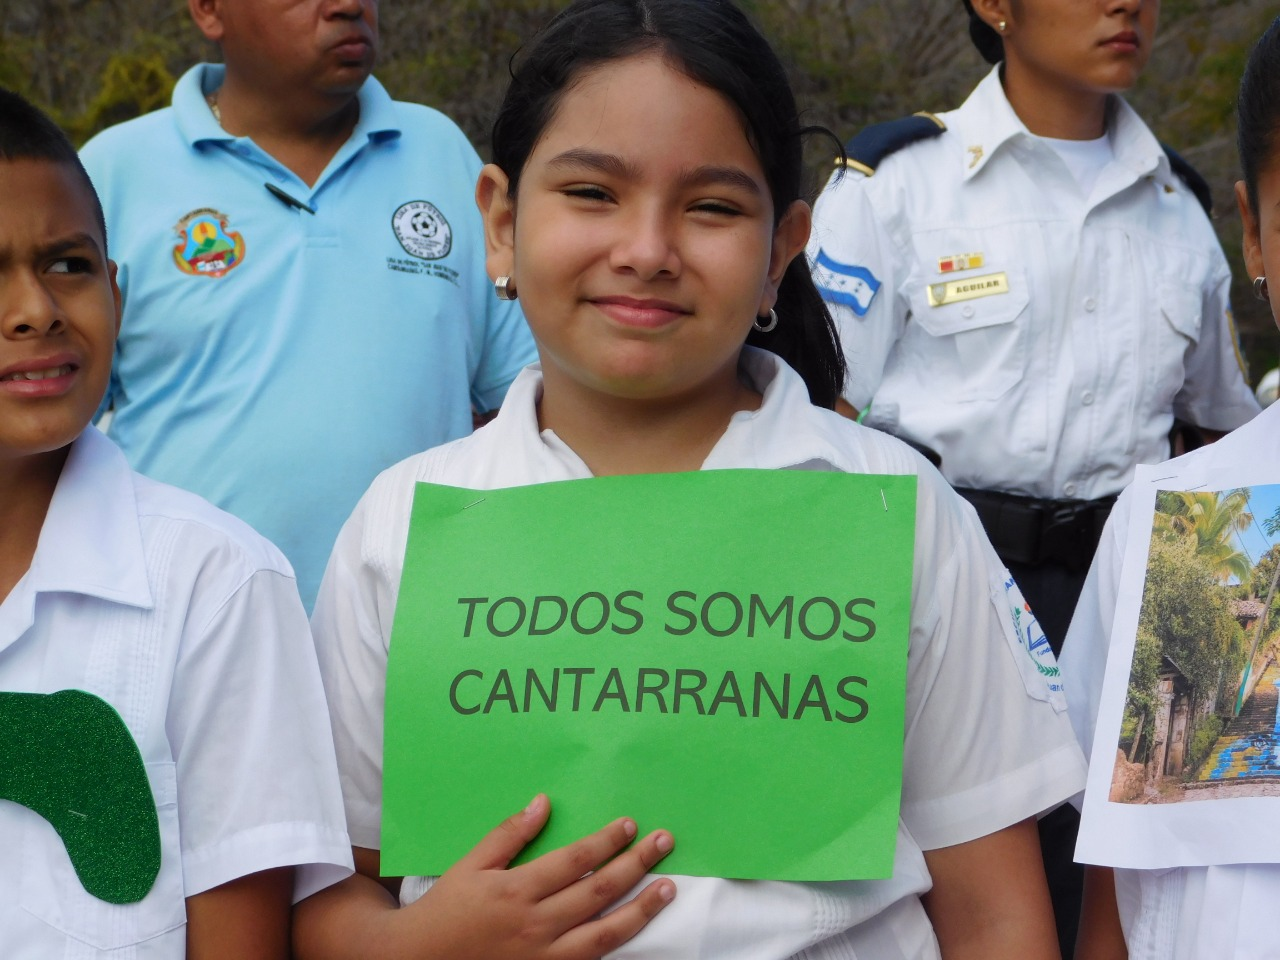 Estudiante de Cantarranas recibiendo a los turistas.